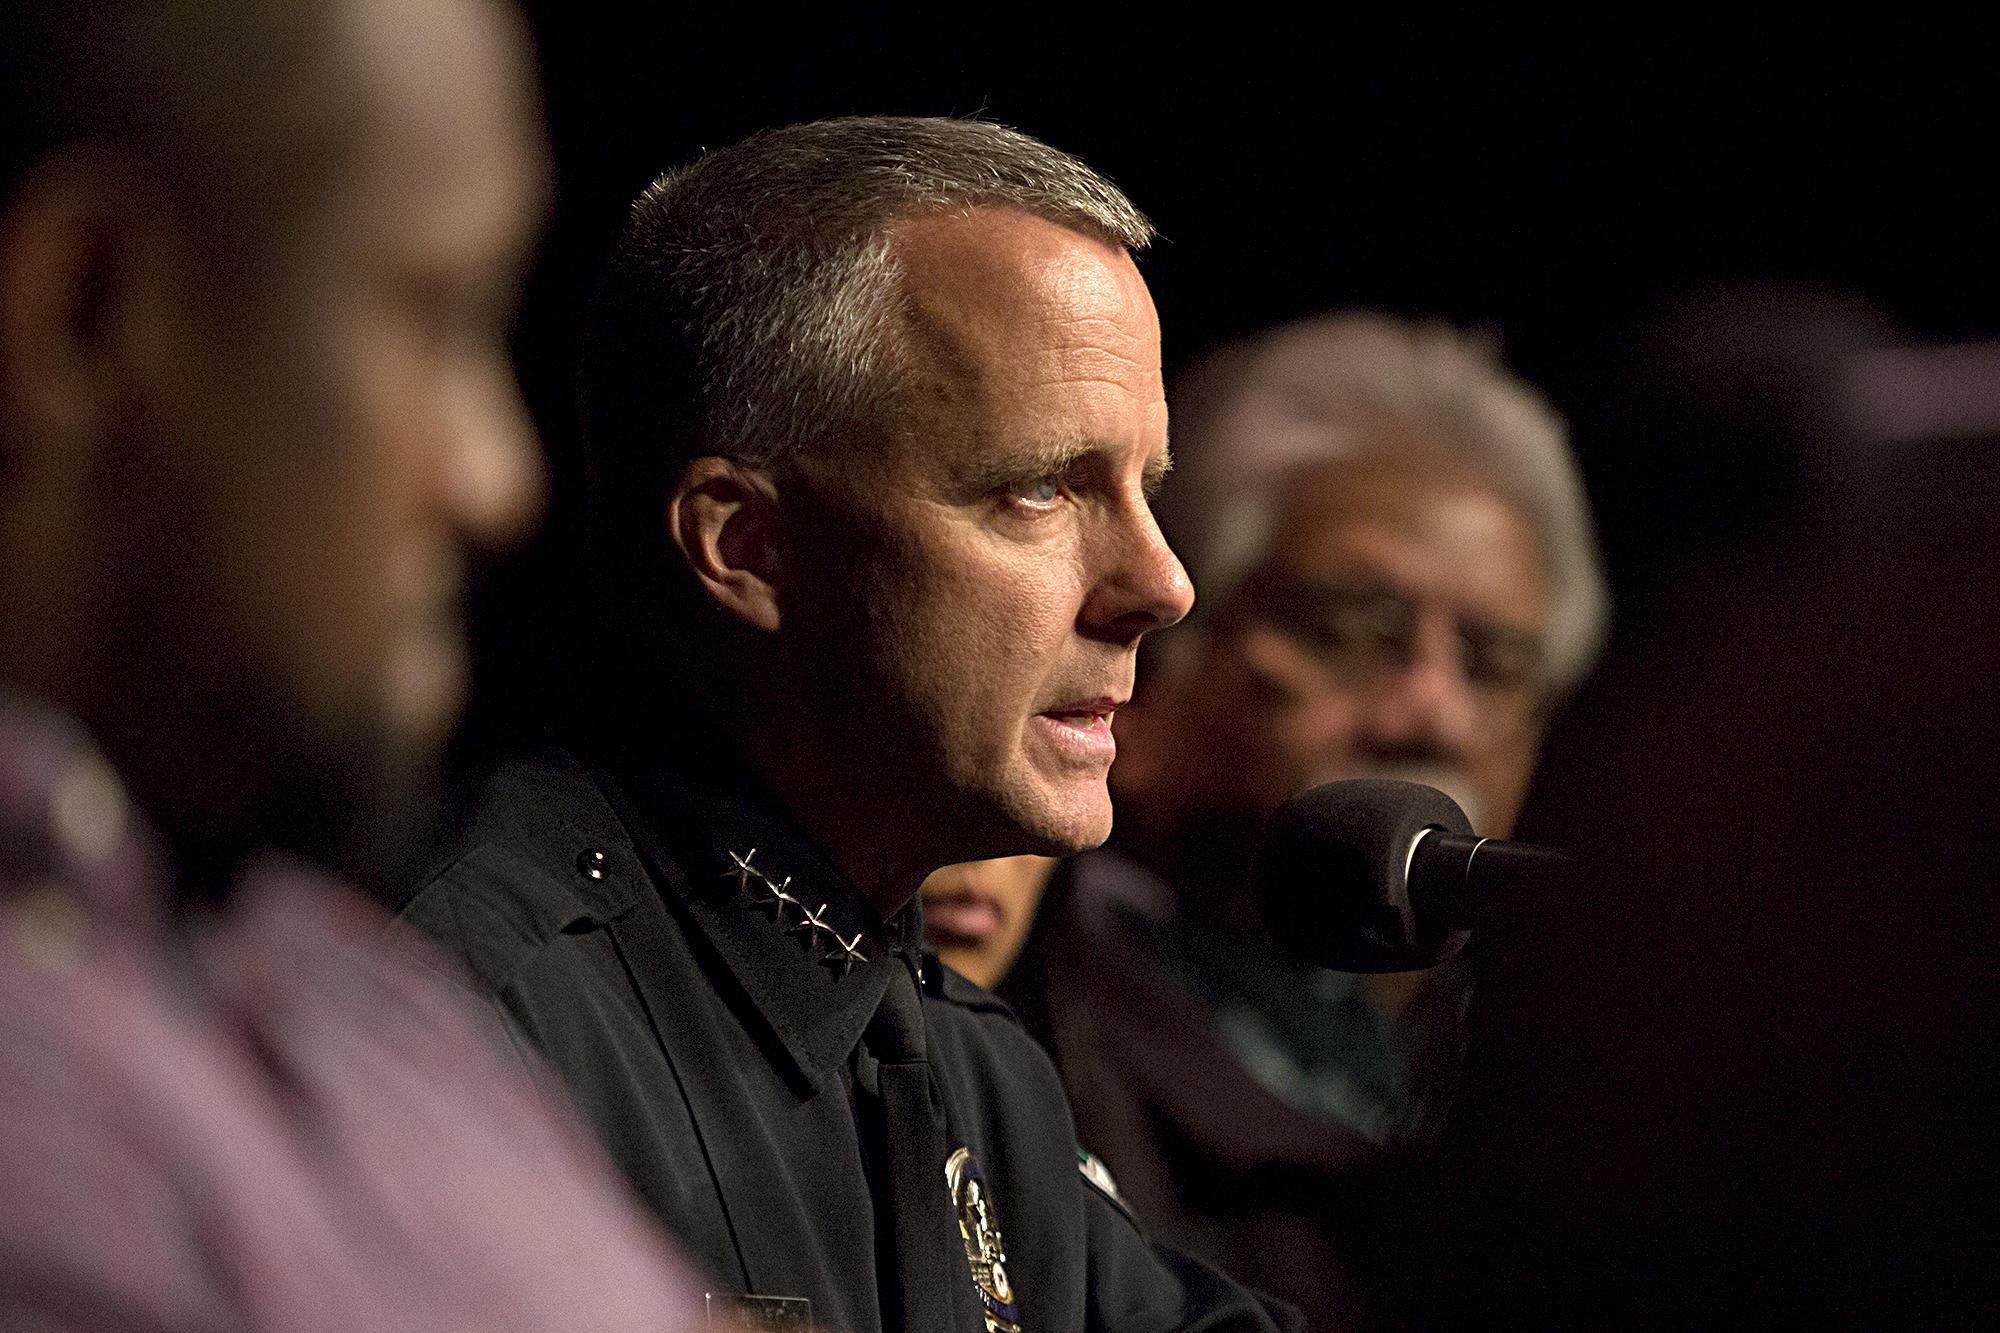 Police chief calls Austin bomber 'domestic terrorist'